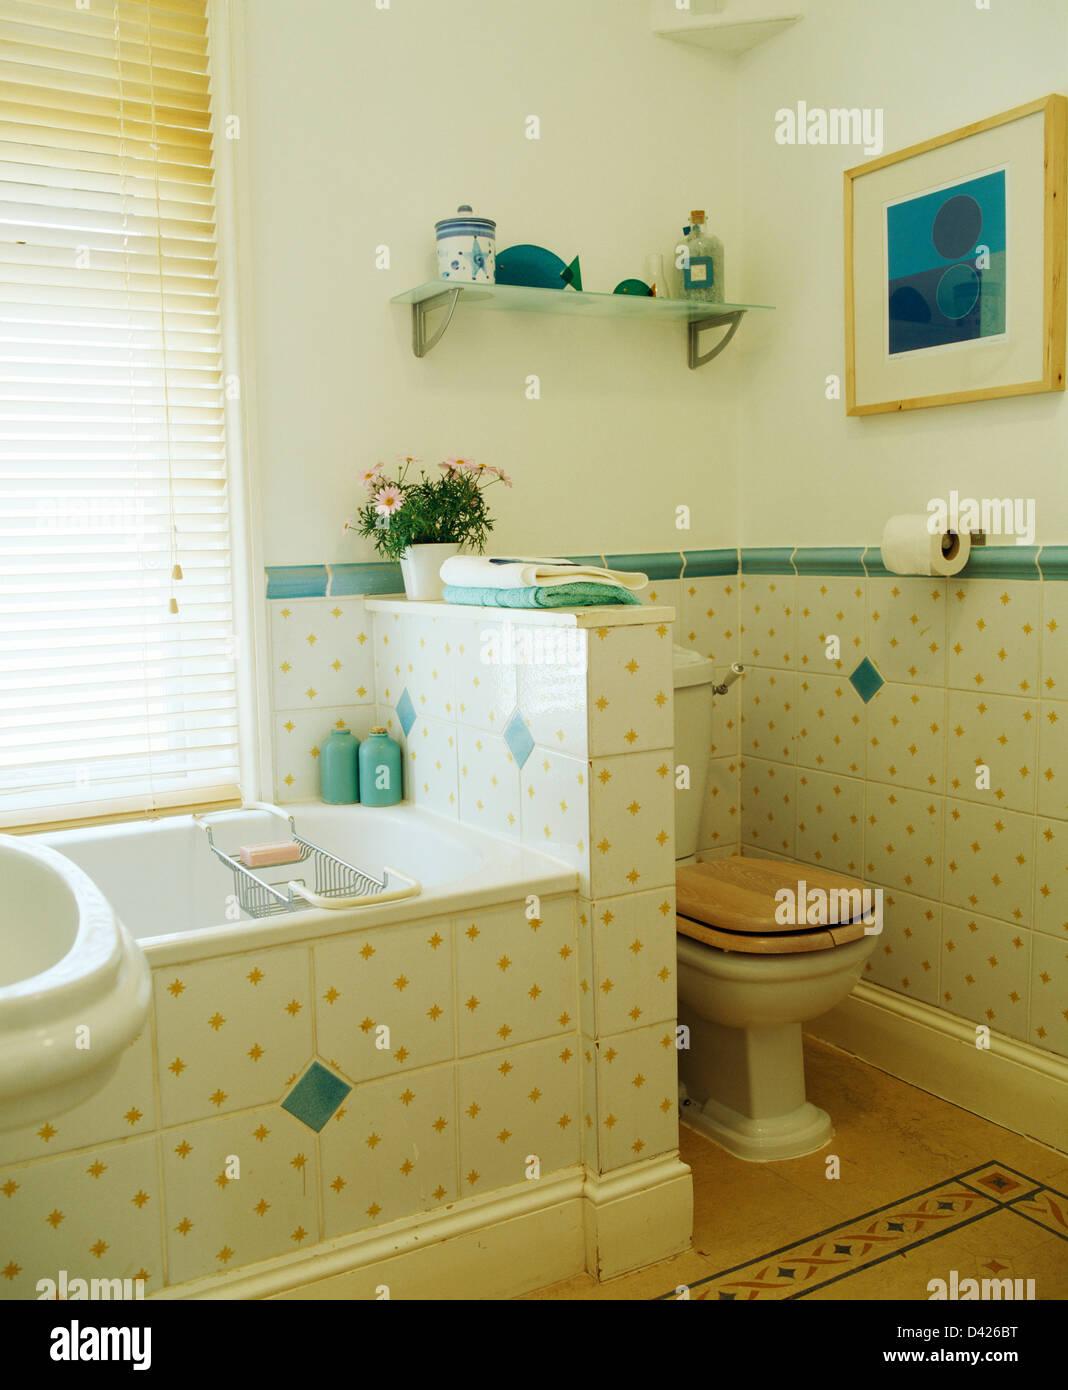 Fliesen Badezimmer Gelb | Badezimmer Mit Gelben Fliesen ...